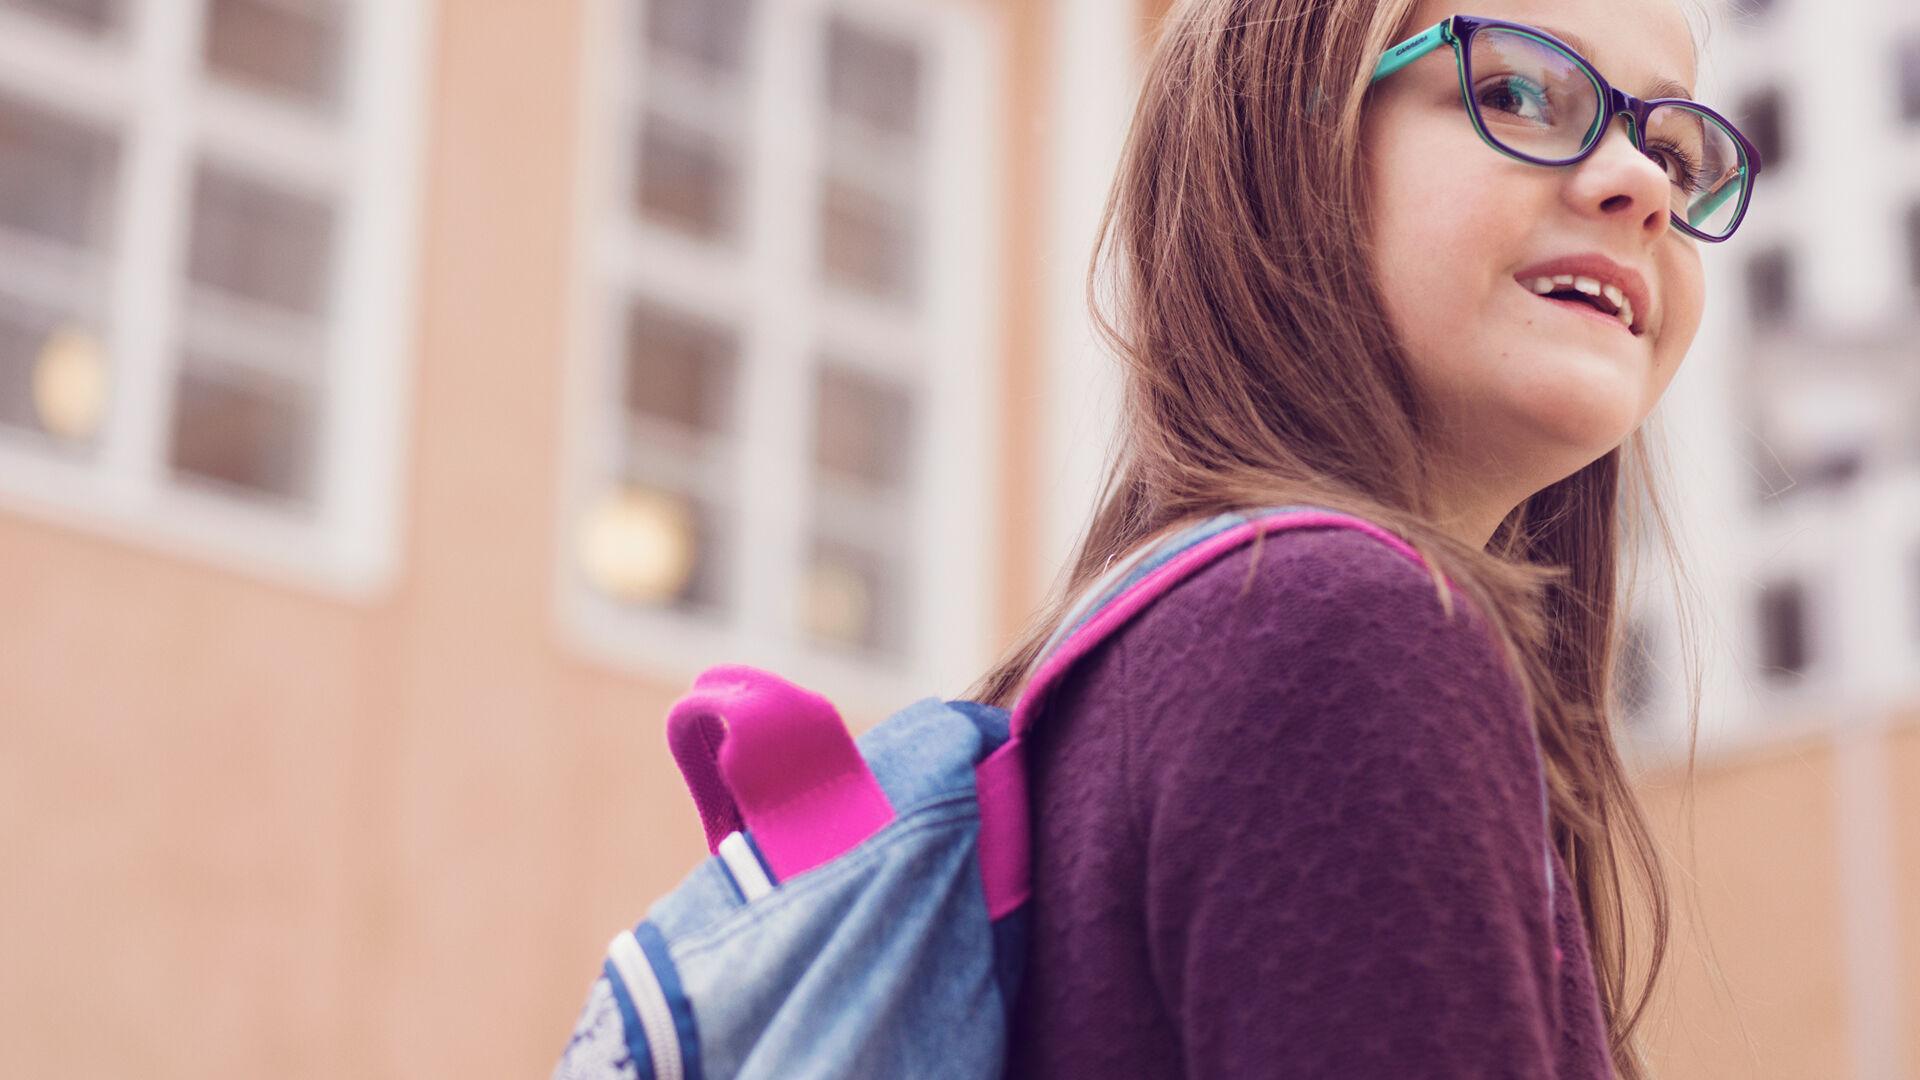 Ensimmäiset silmälasit innostivat ekaluokkalaisen Miilan lukemisen pariin